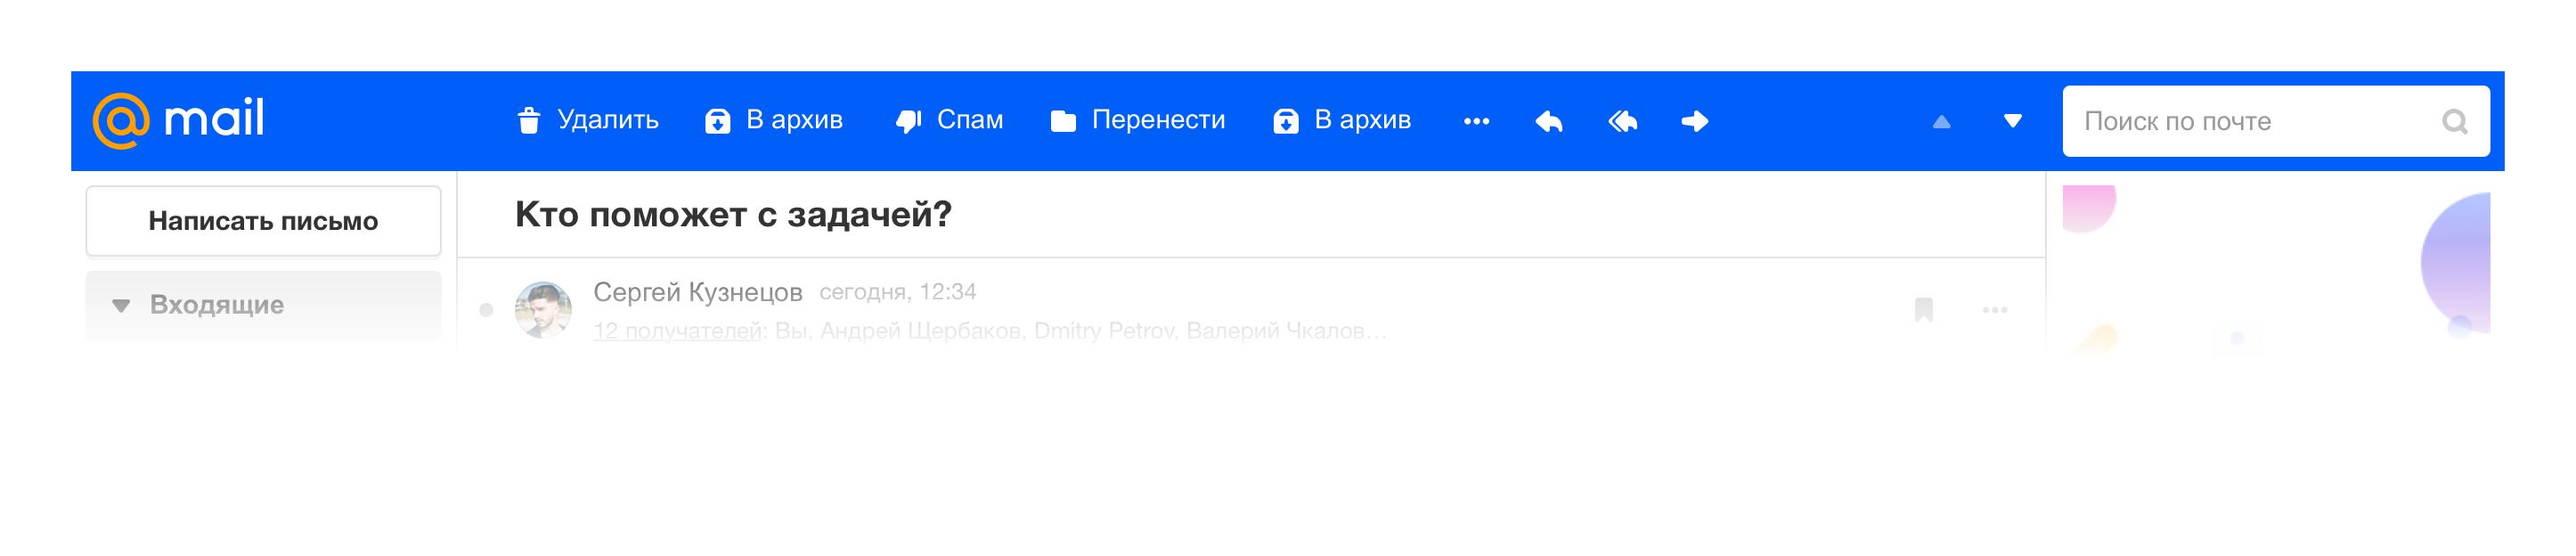 Новая Почта Mail.ru и при чем тут осьминог - 26